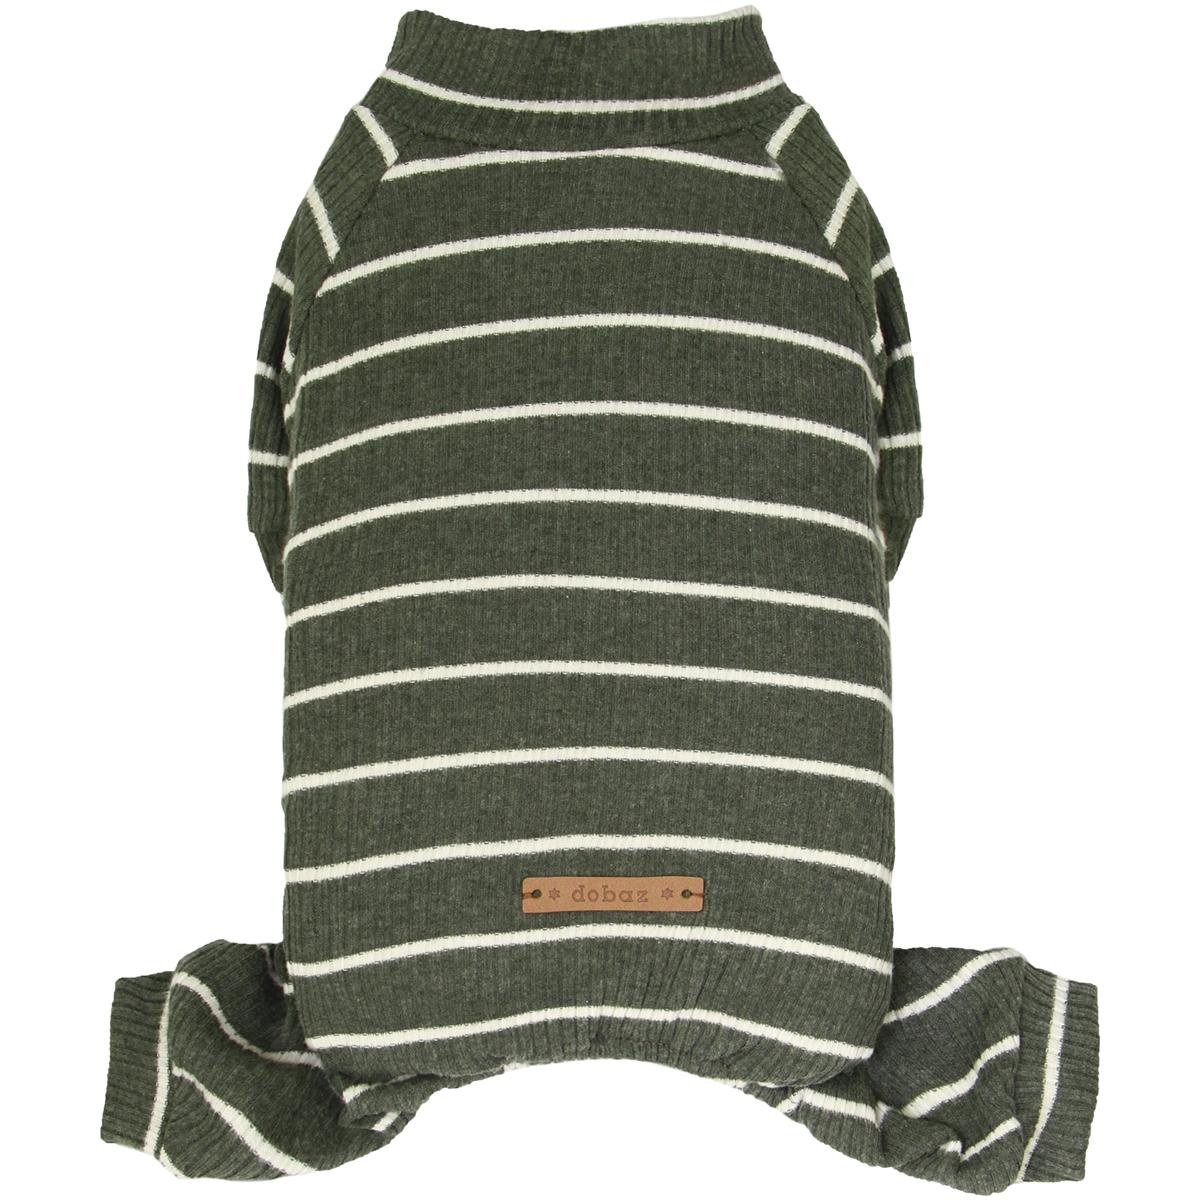 Dobaz Olive Striped Dog Jumpsuit